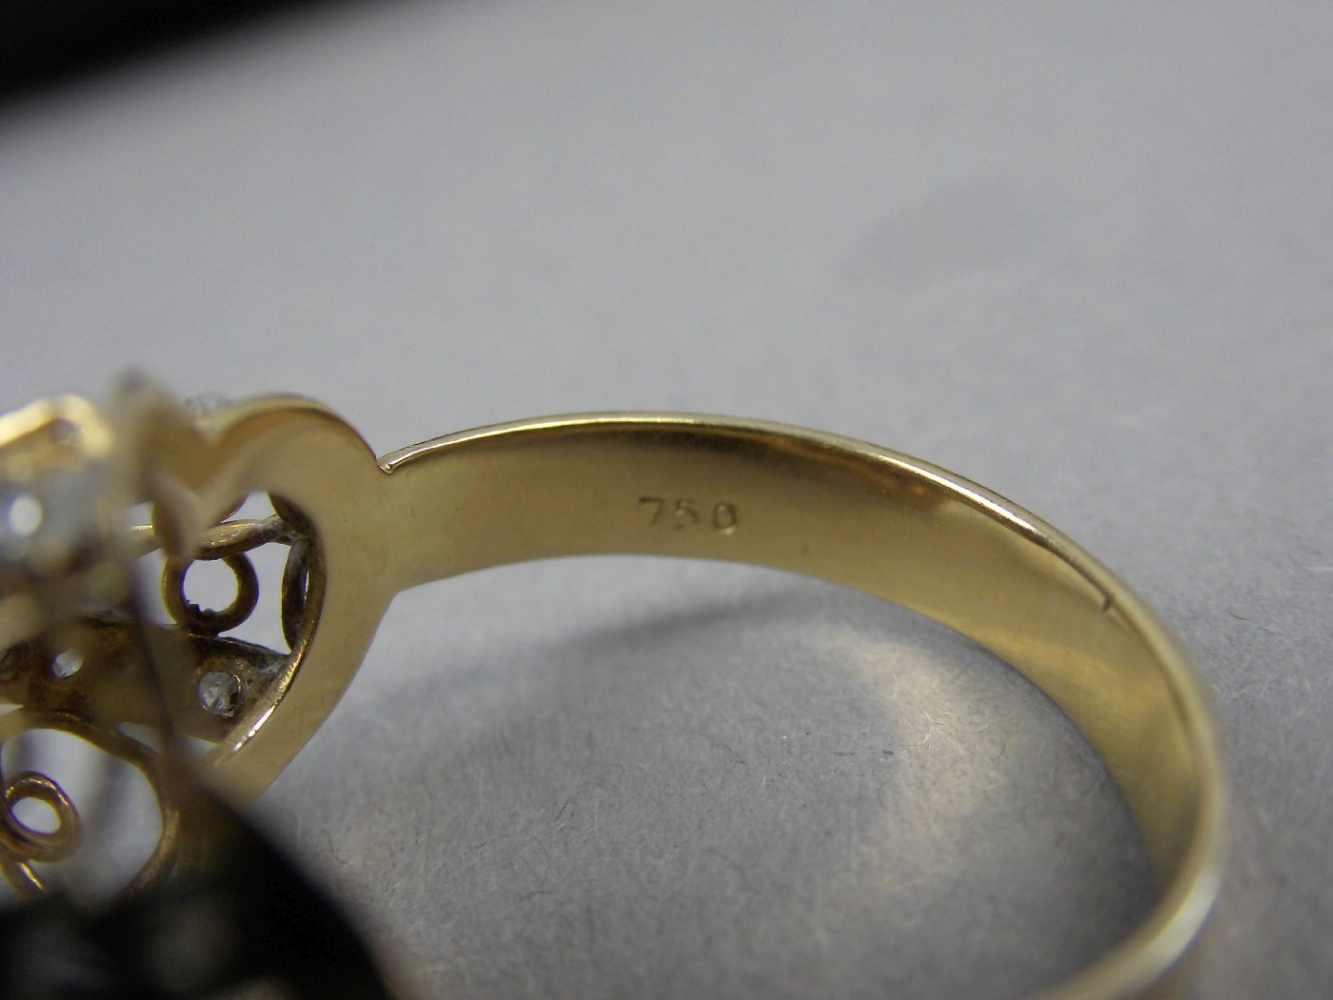 Lot 35 - AUFFÄLLIGER RING, 750er Gelbgold (4,9g), durchbrochen gearbeitet, zentral mit einem Brillanten von